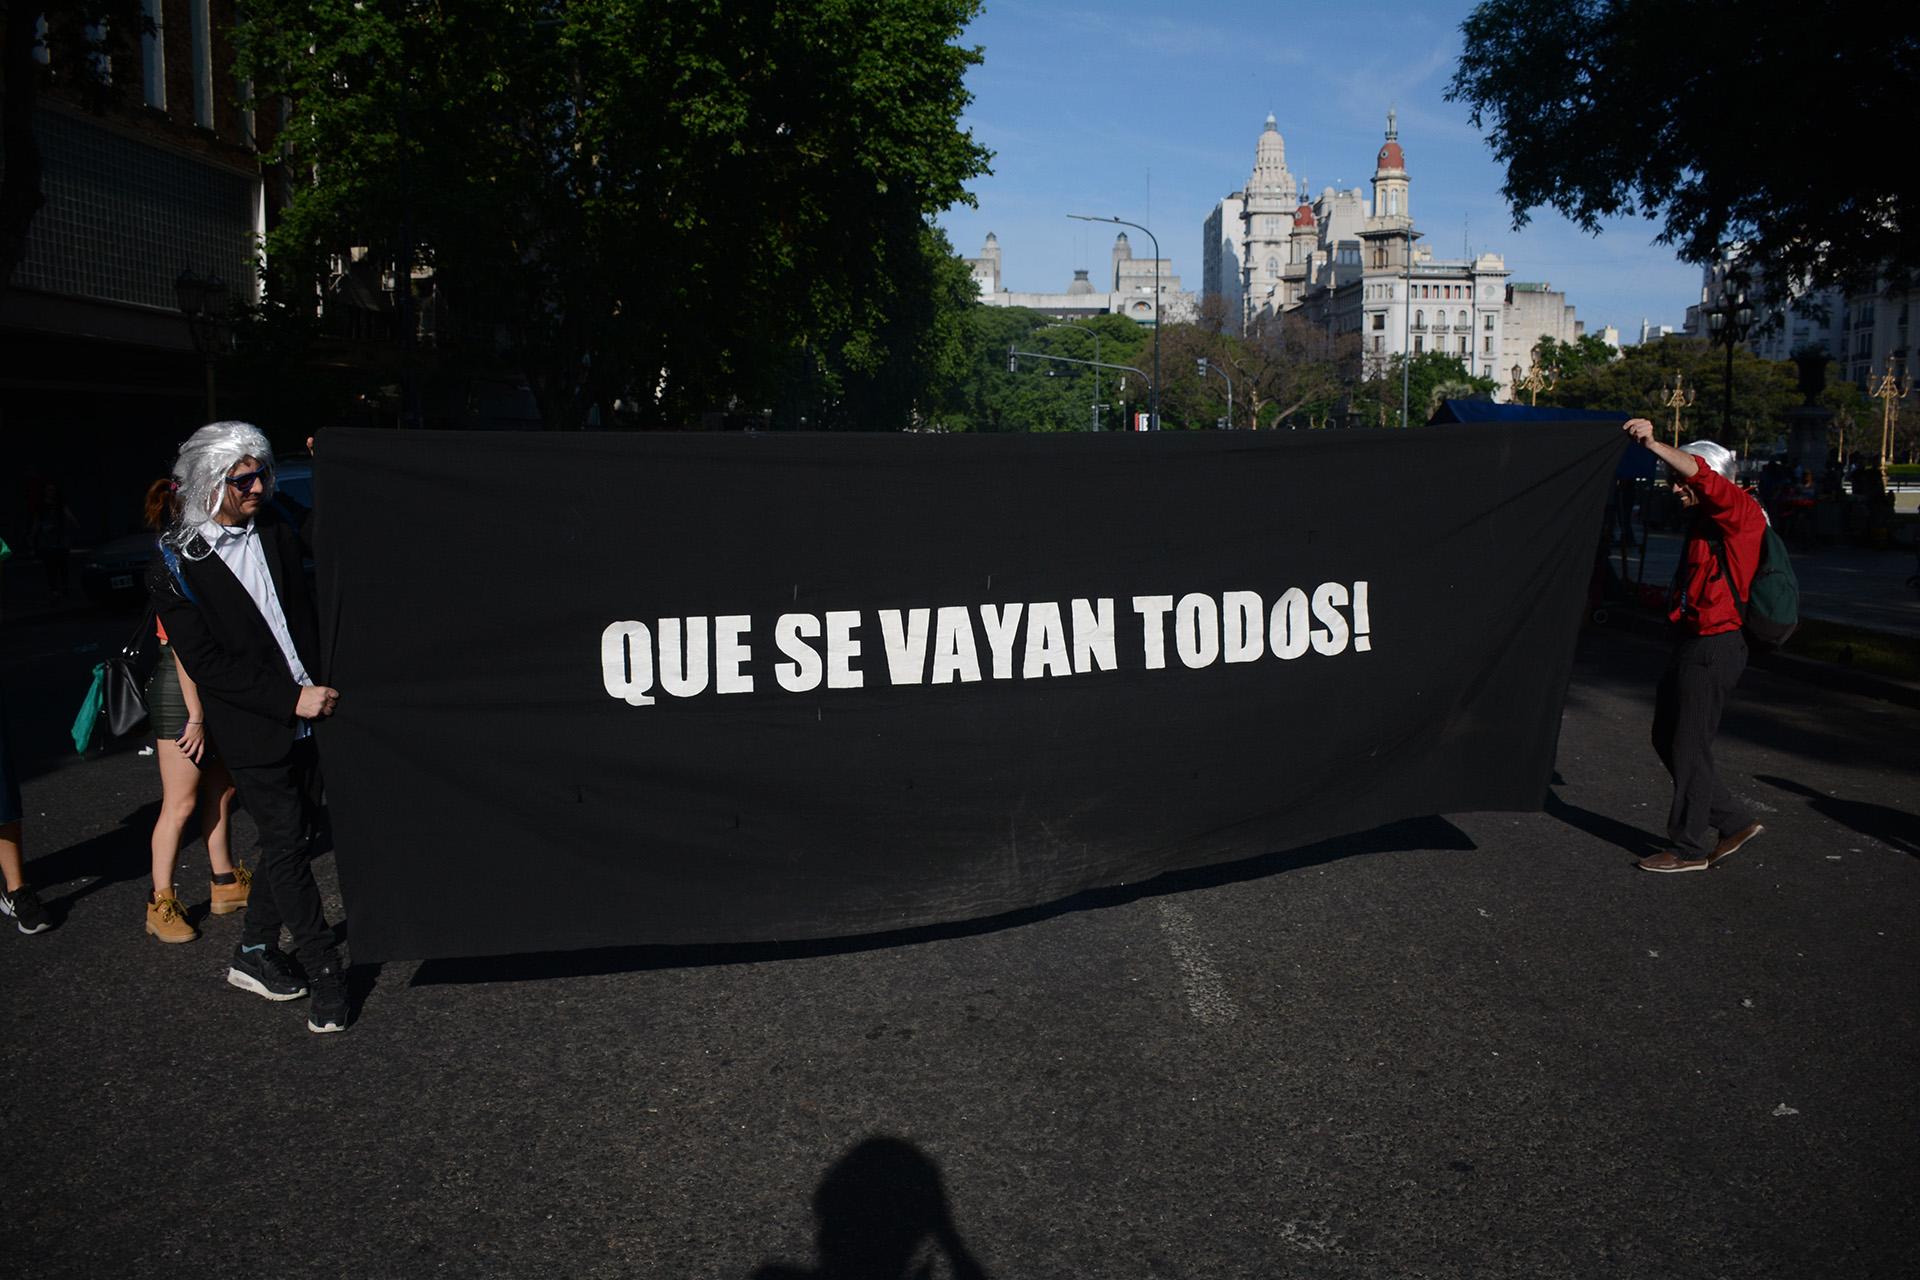 Los manifestantes llevaron banderas y carteles para repudiar la cumbre